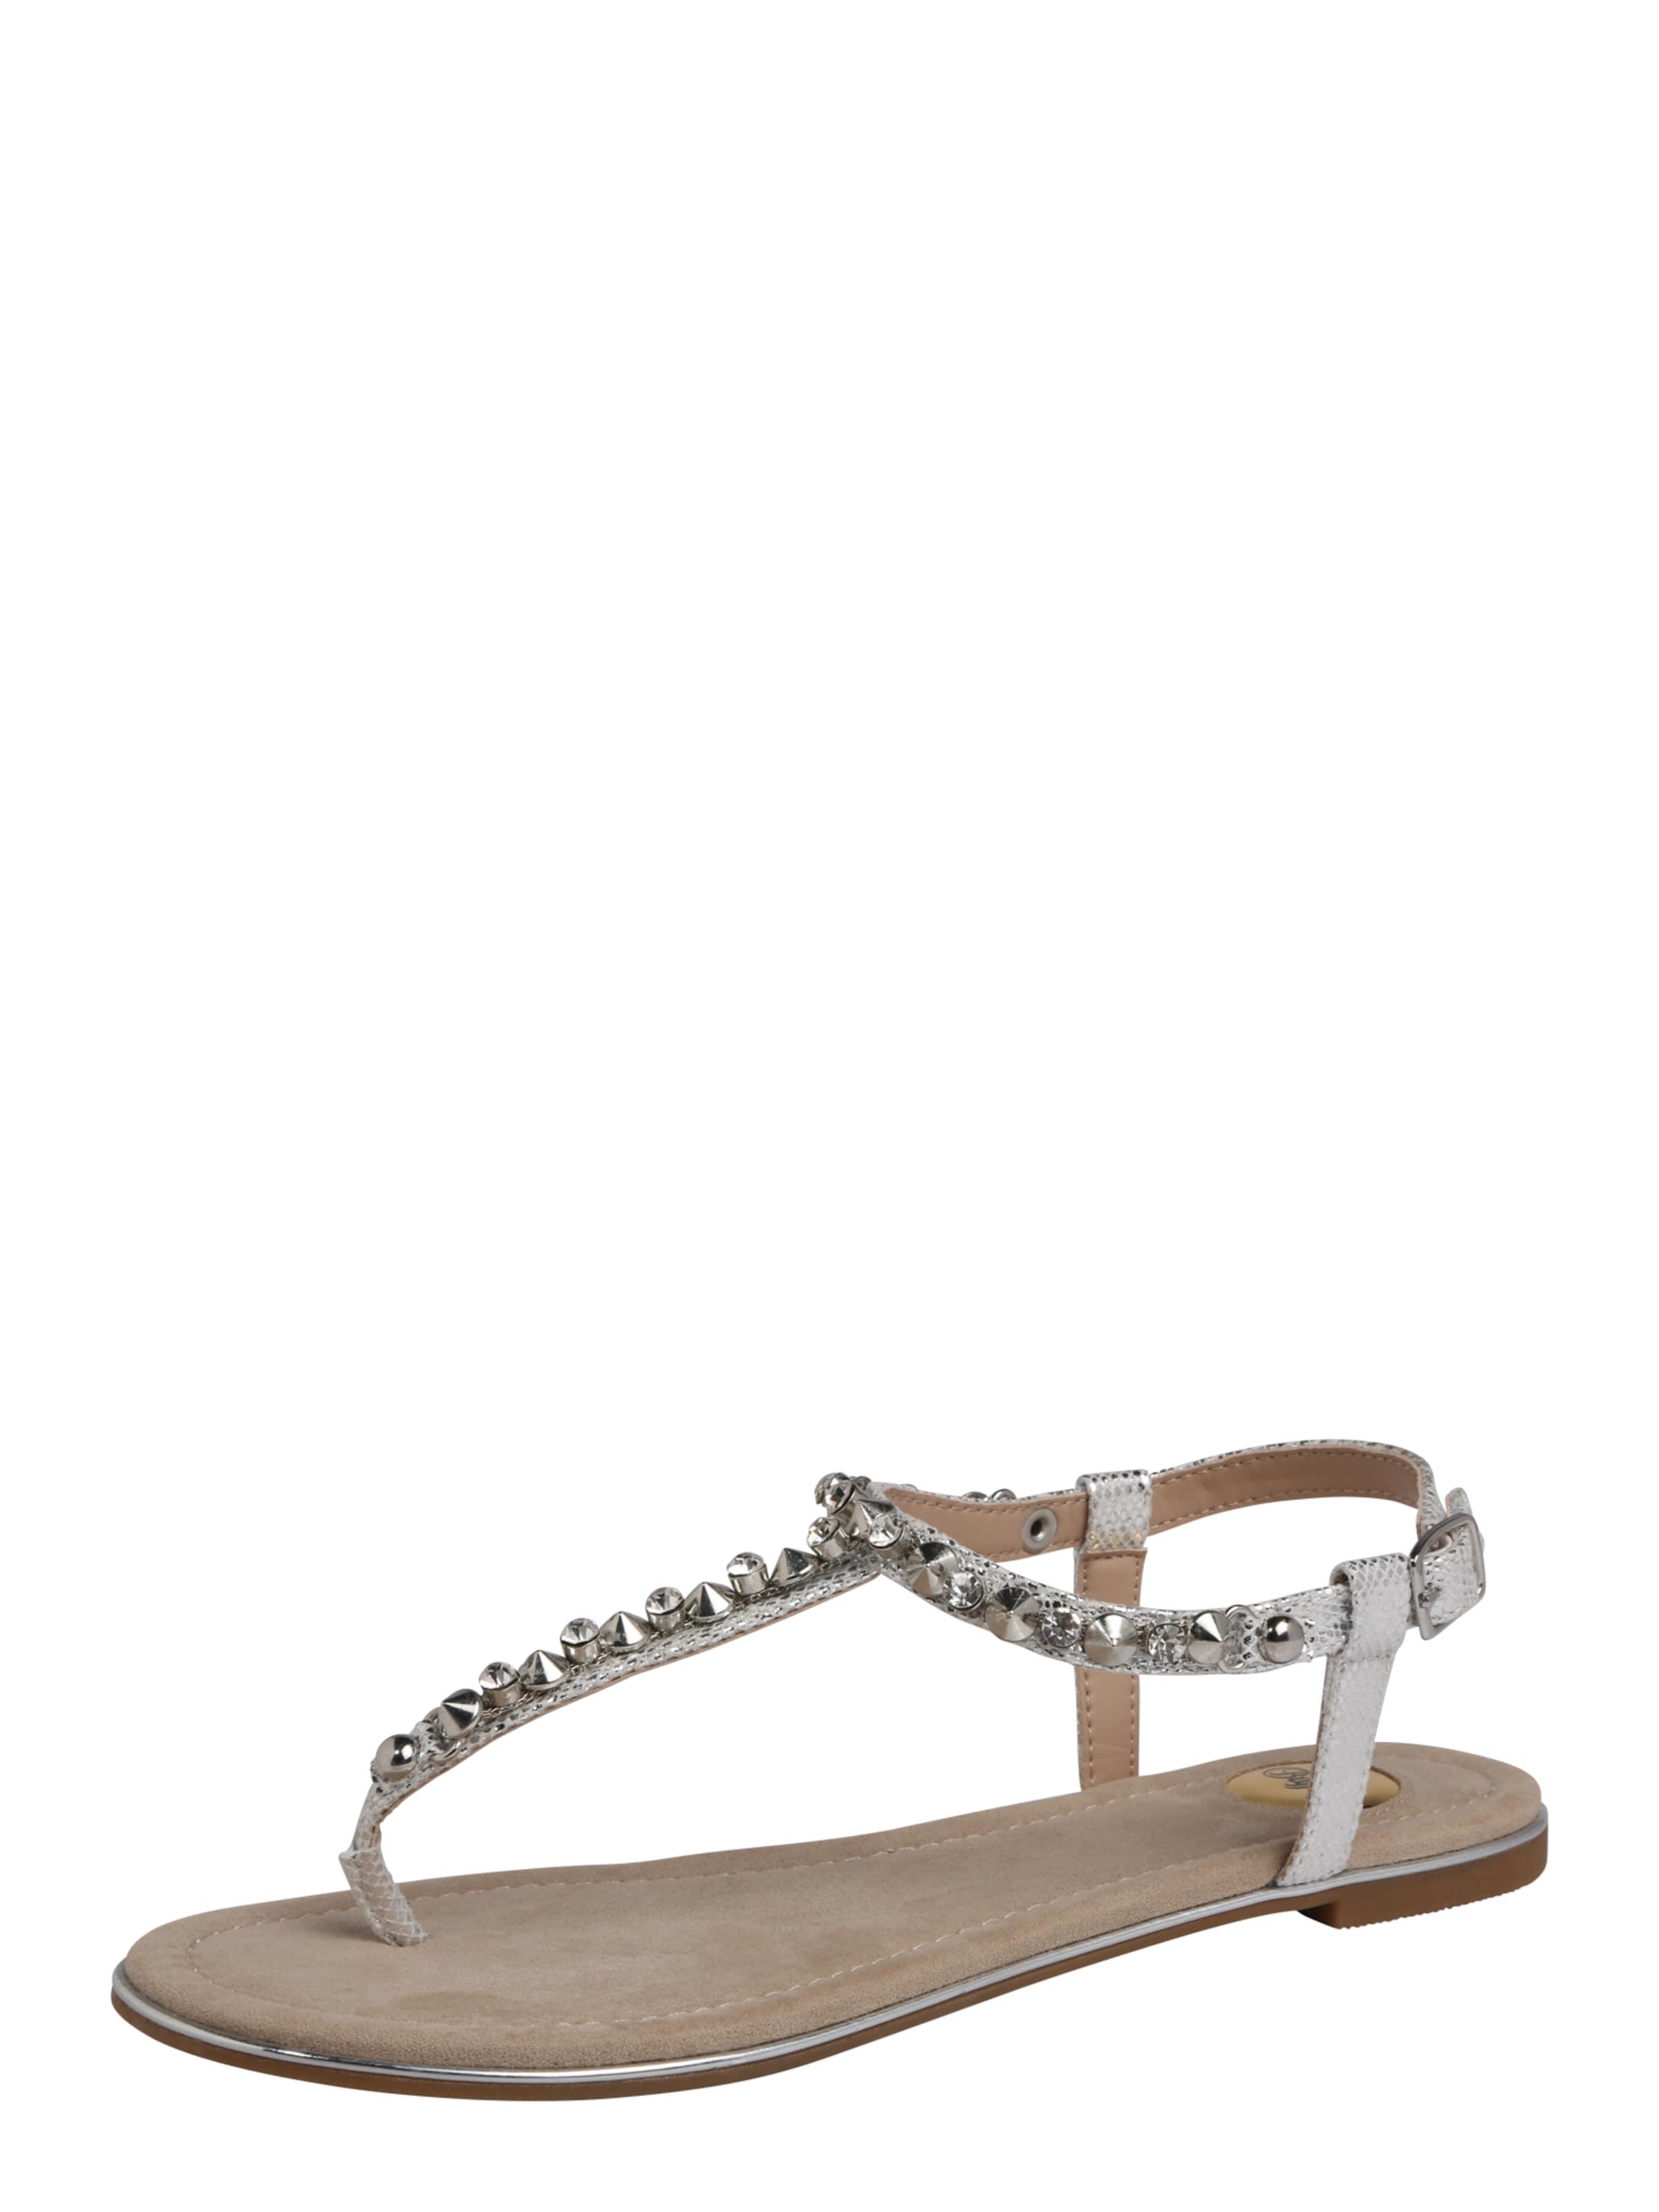 BUFFALO Sandalen mit Ziersteinbesatz Günstige und langlebige Schuhe